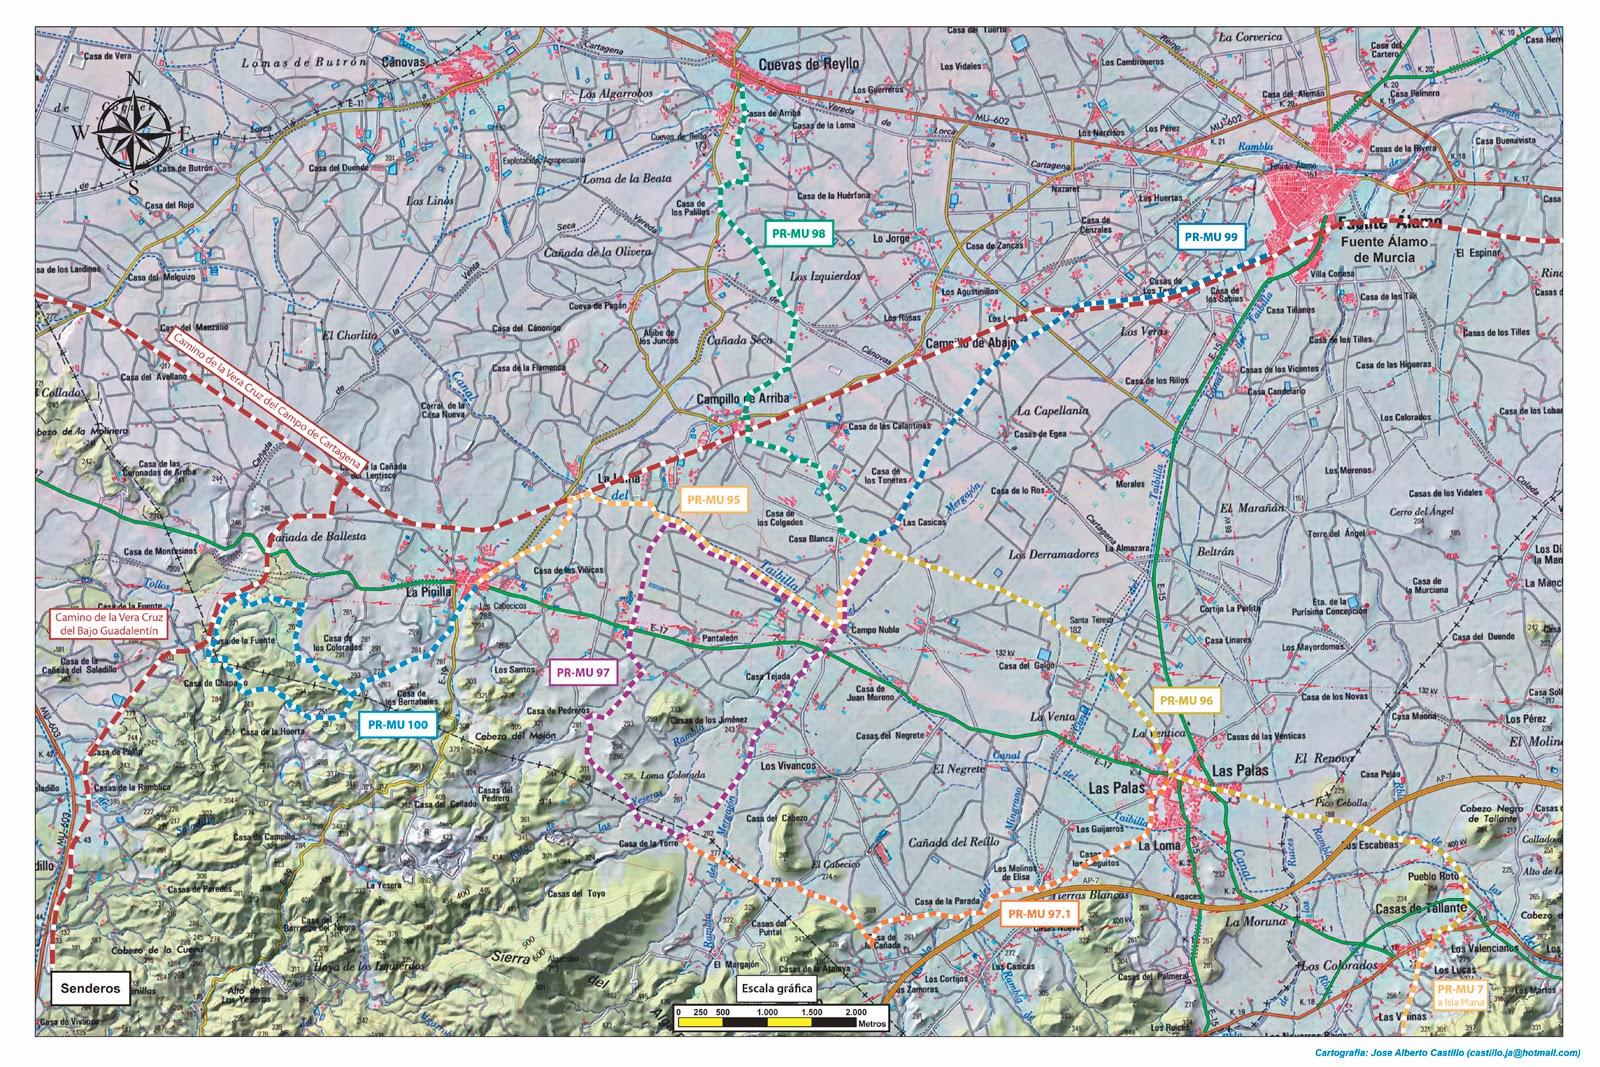 Plano de las 6 rutas